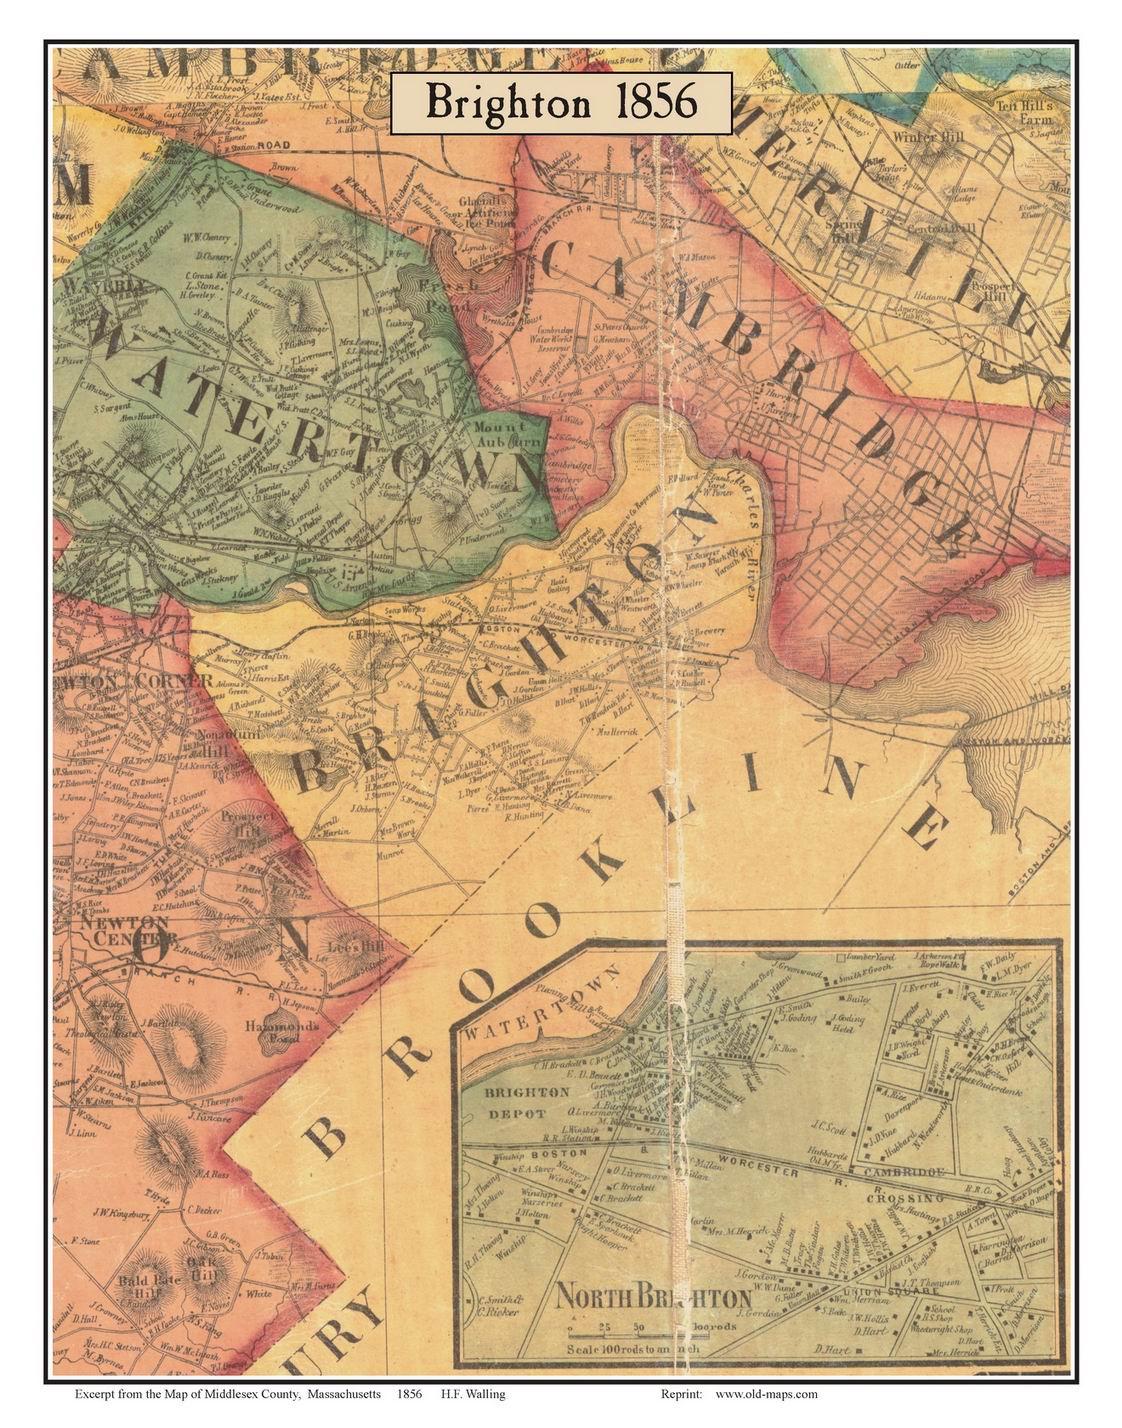 FileMap of Brighton 1856jpg Wikimedia Commons